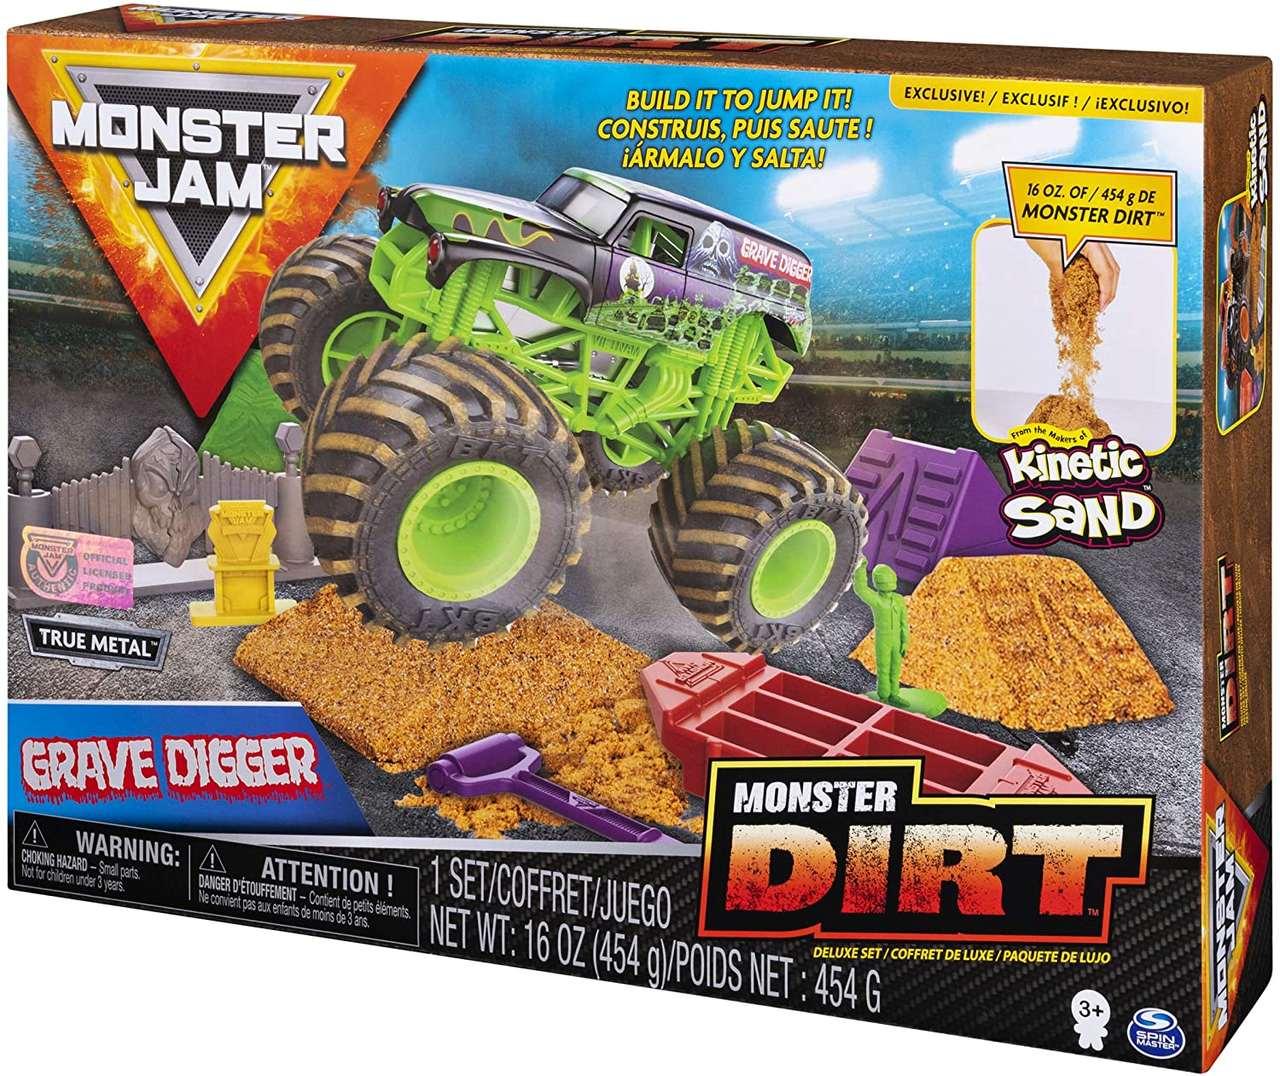 Pista Monster Jam - Playset Deluxe c/ 453 g de Areia Mágica3